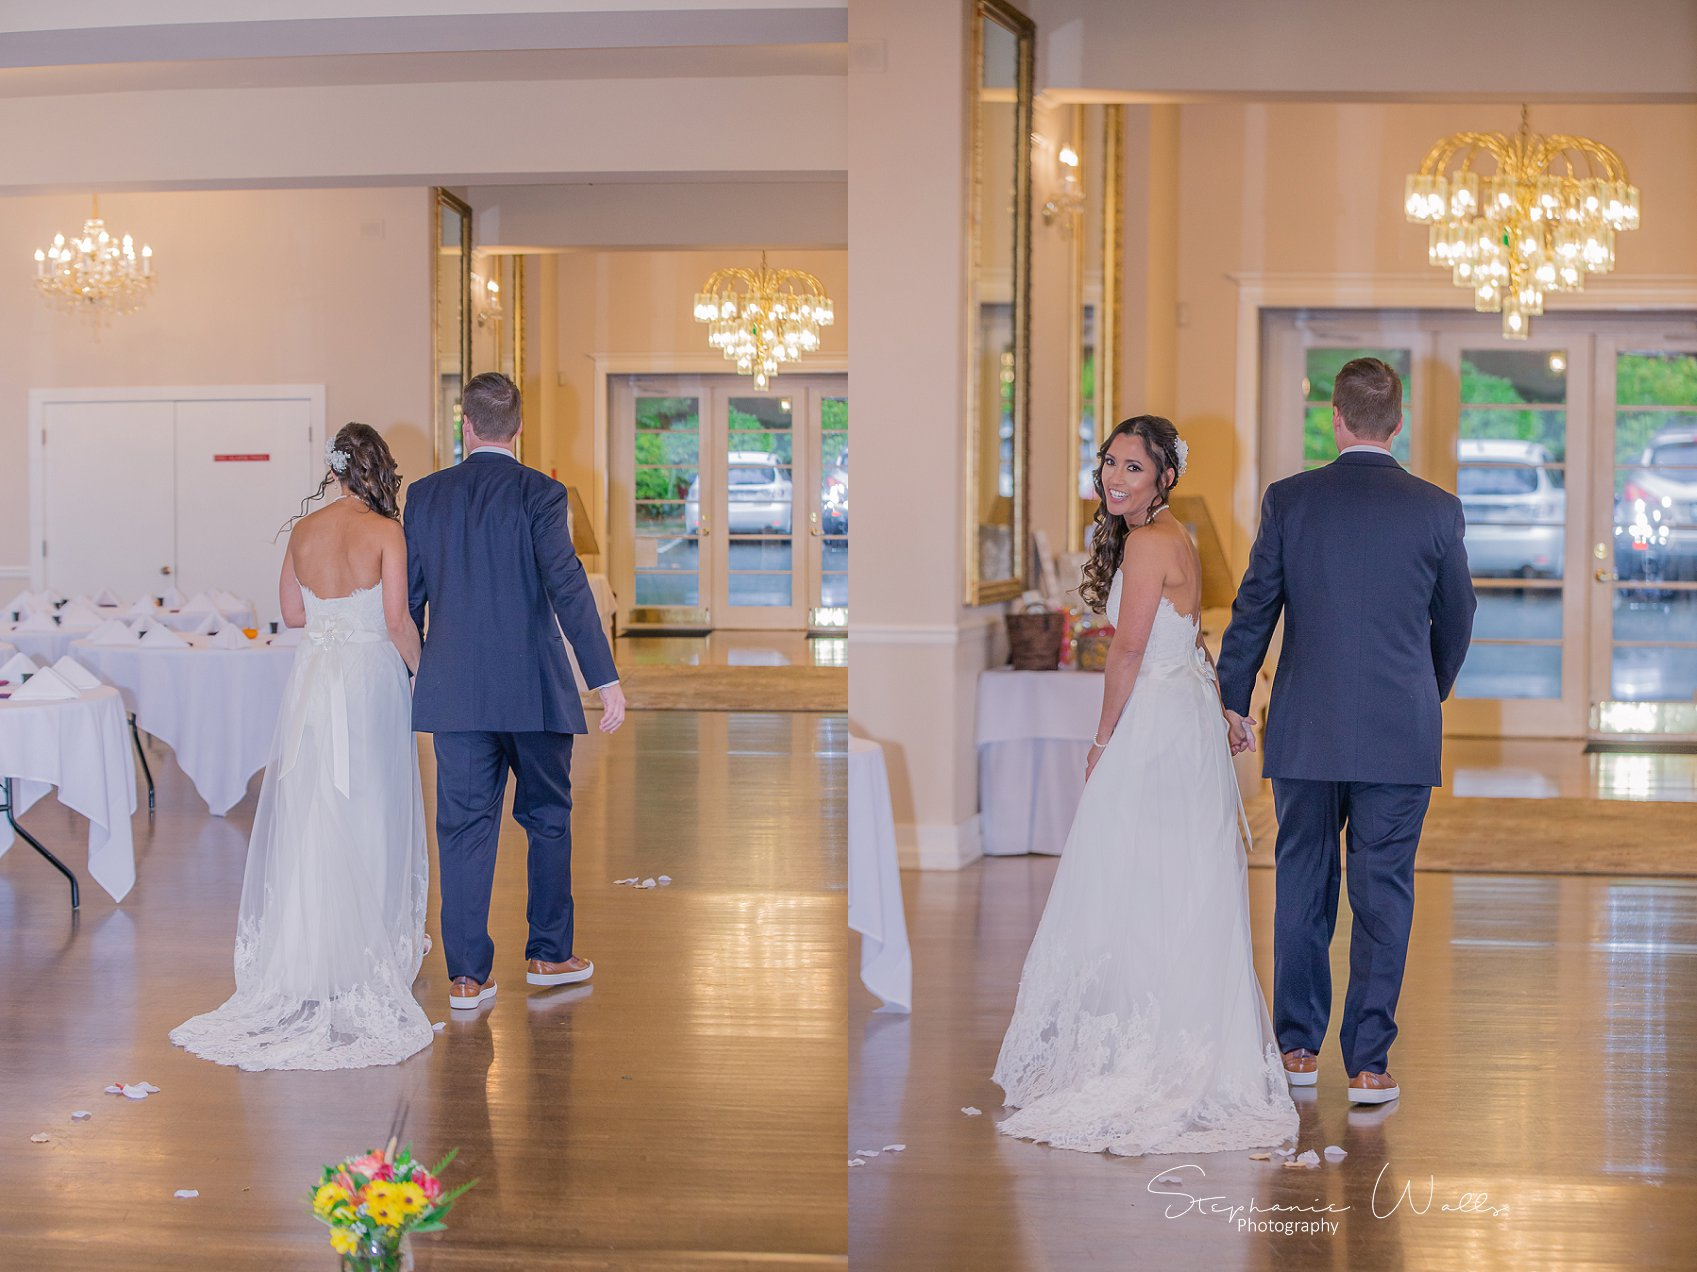 Ceremony 126 KK & Zack   Hollywood Schoolhouse Wedding   Woodinville, Wa Wedding Photographer